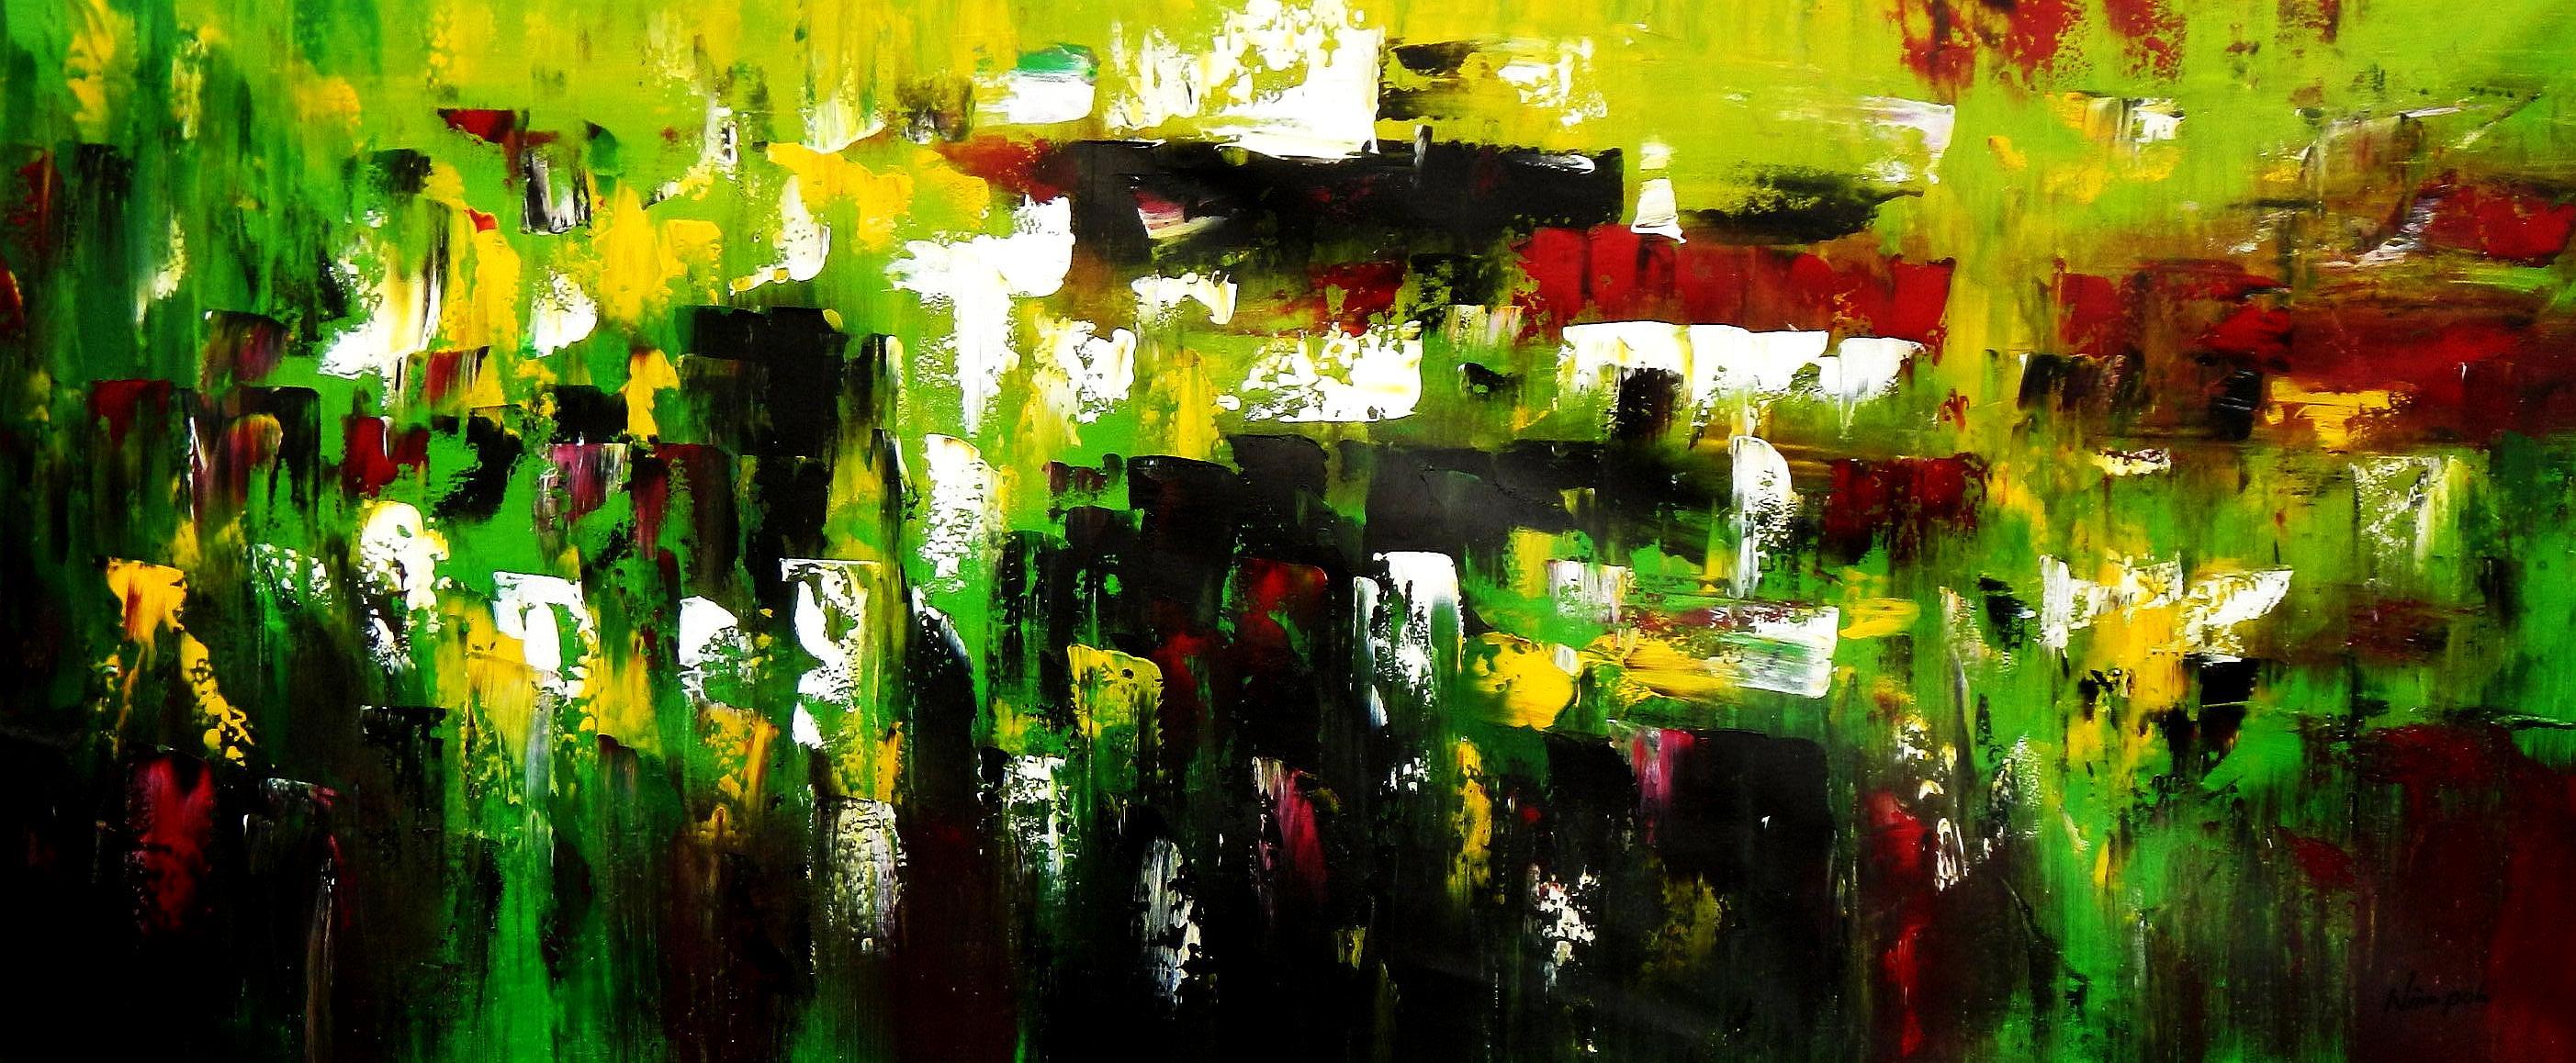 Abstrakt - Berlin Tiergarten t94748 75x180cm abstraktes Ölbild handgemalt